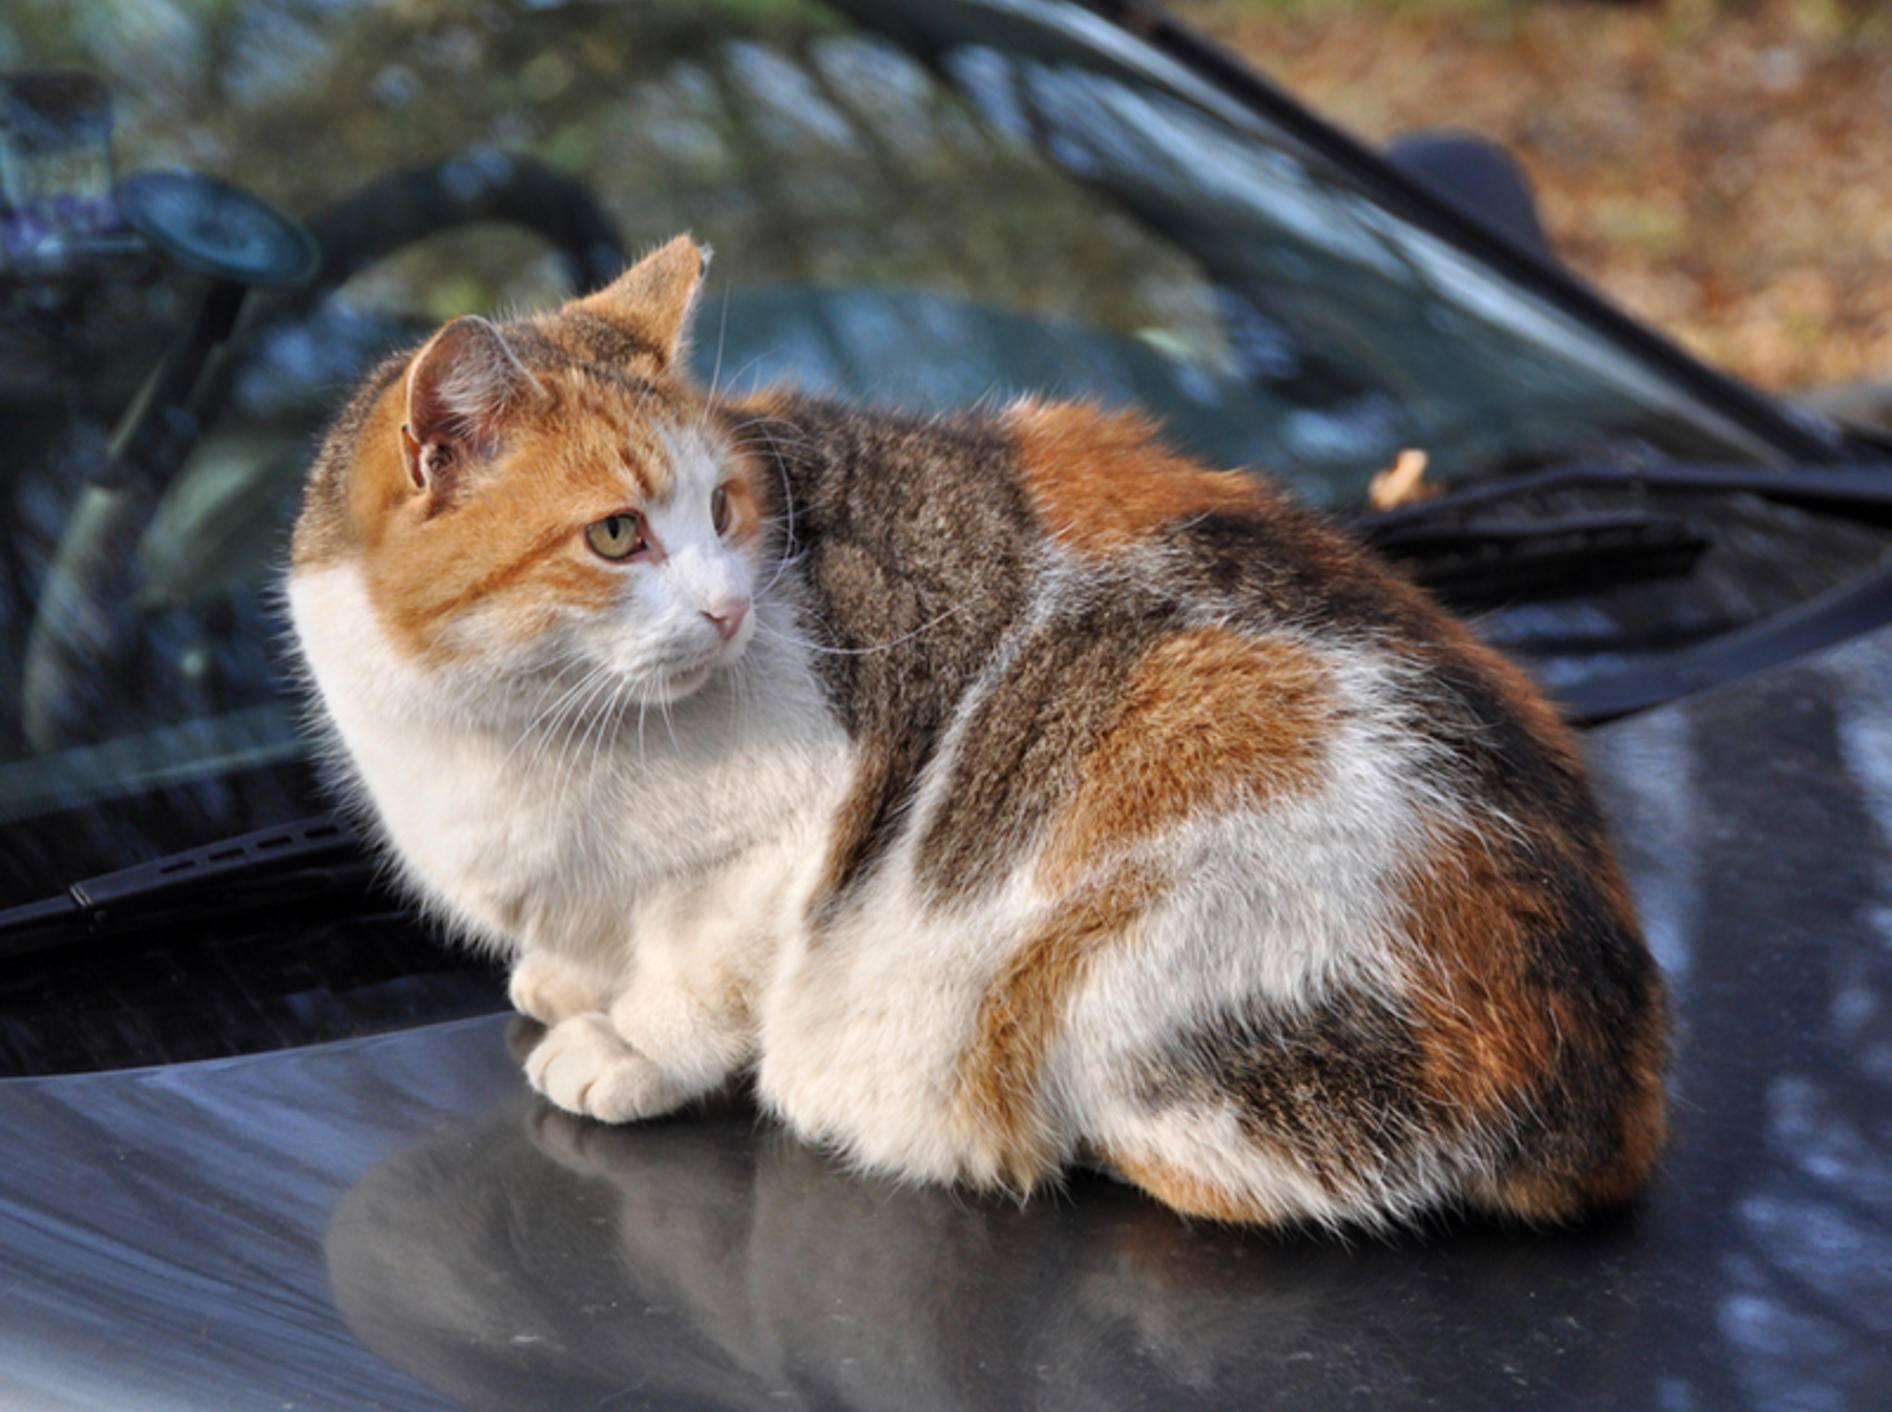 So mancher Katze gefällt das Auto von außen besser als von innen – Bild: Shutterstock / Zanna Holstova